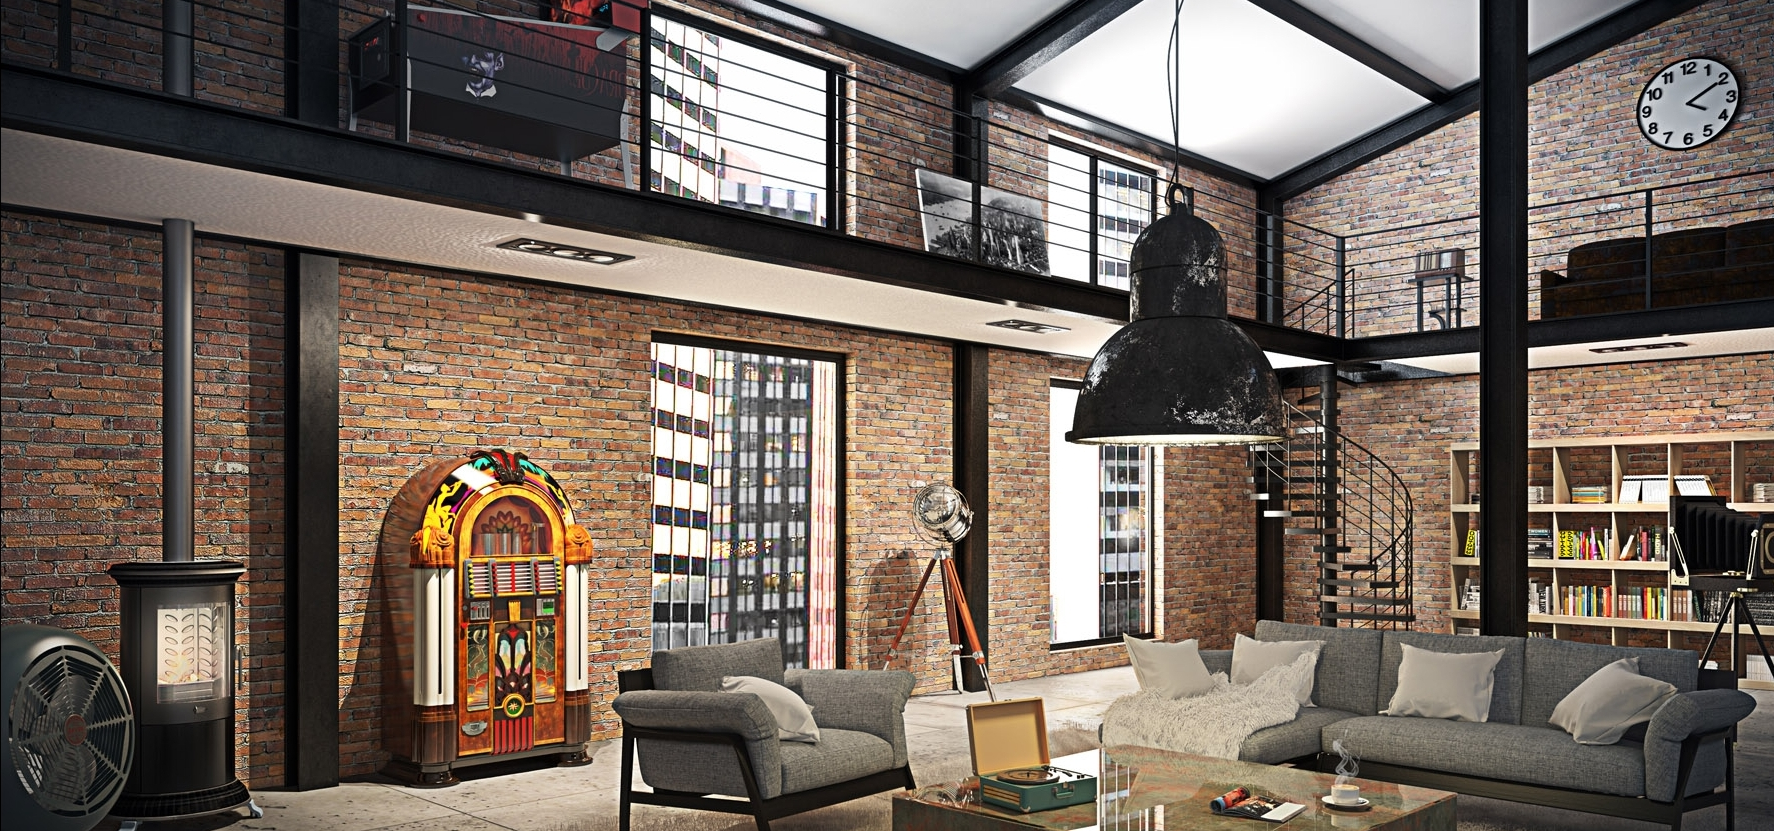 be inspired pinterest. Black Bedroom Furniture Sets. Home Design Ideas